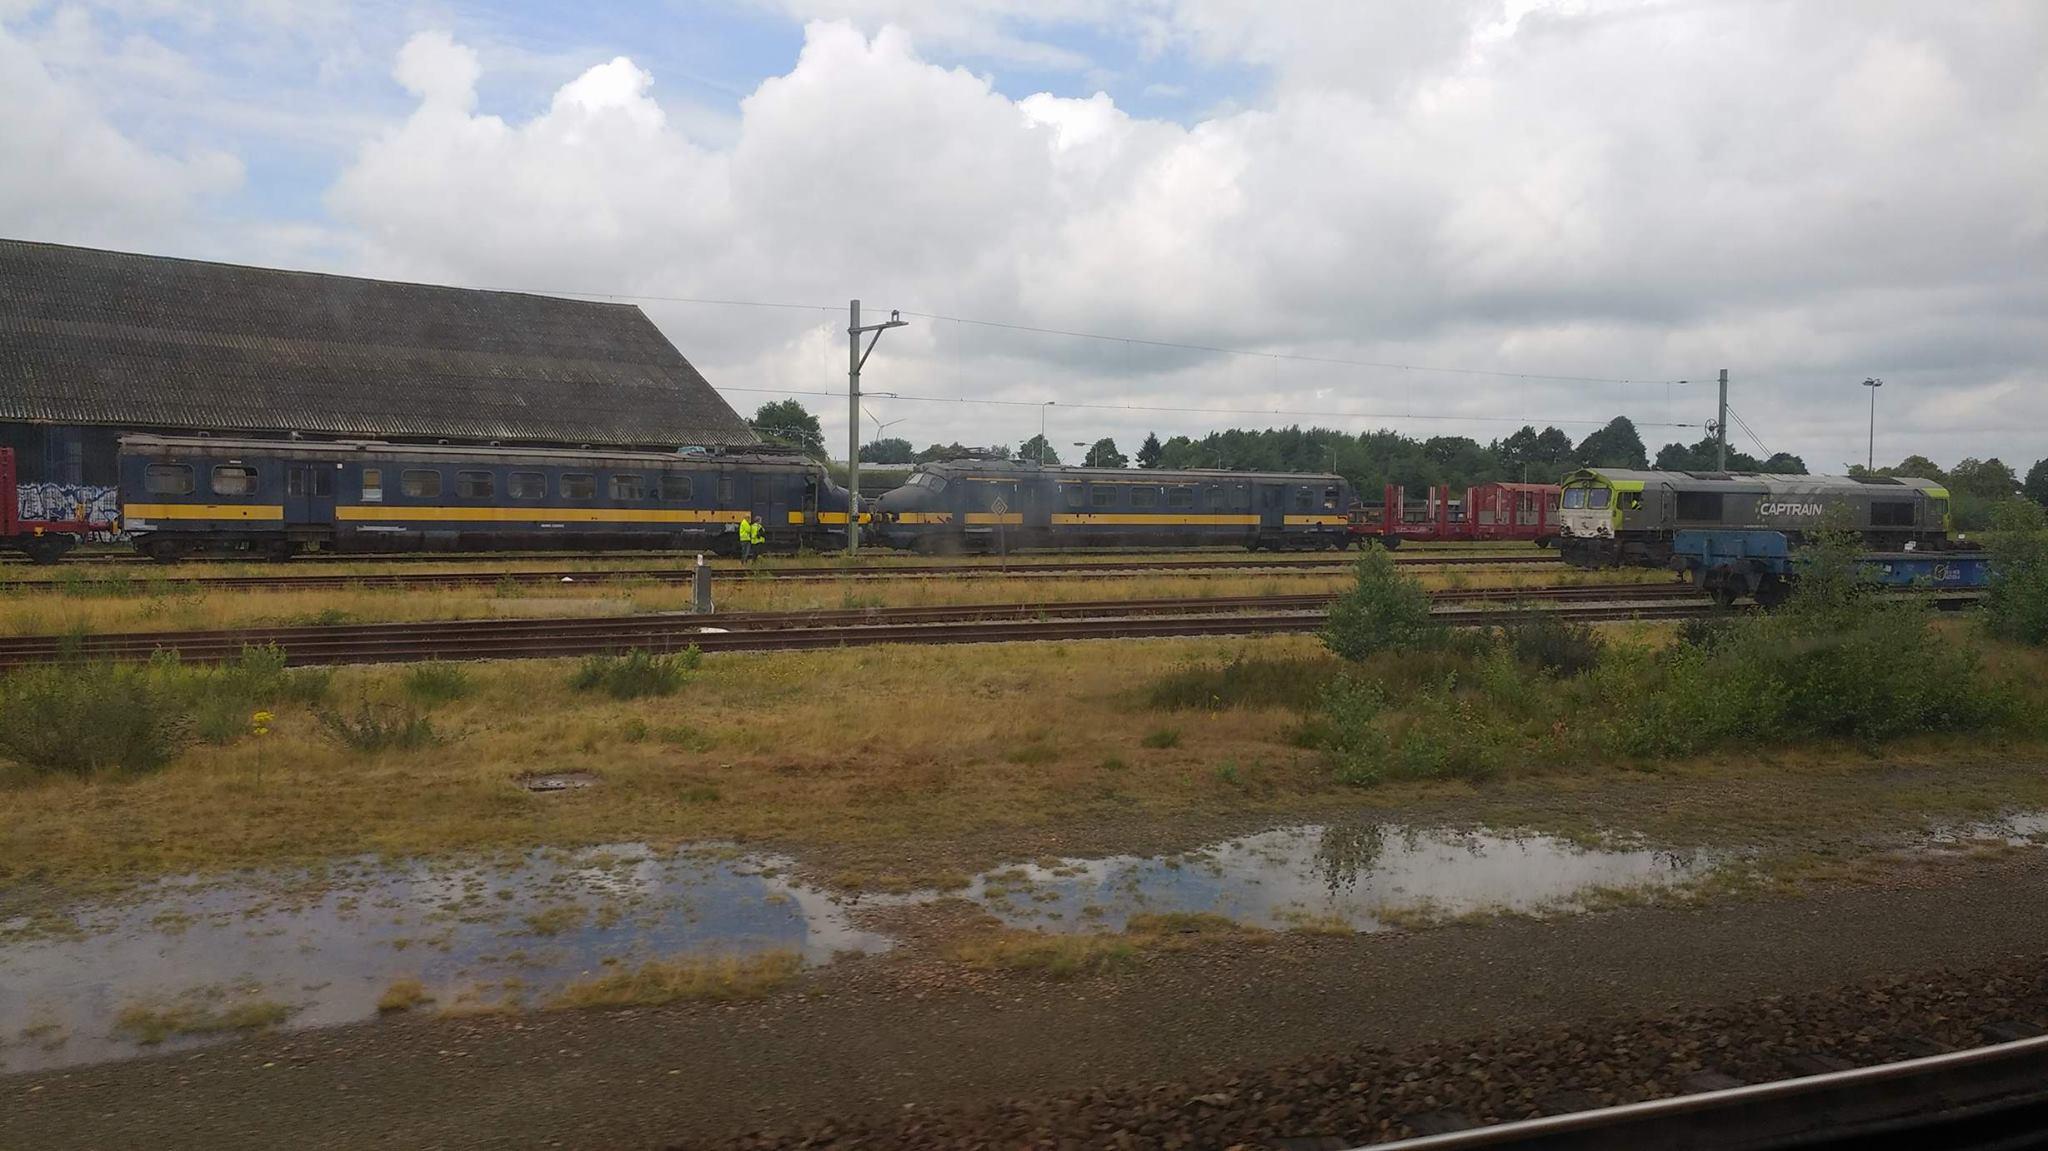 http://www.treinenweb.nl/uploads/image/DelftTrains-20138108_1525725950811033_675561953_o.jpg